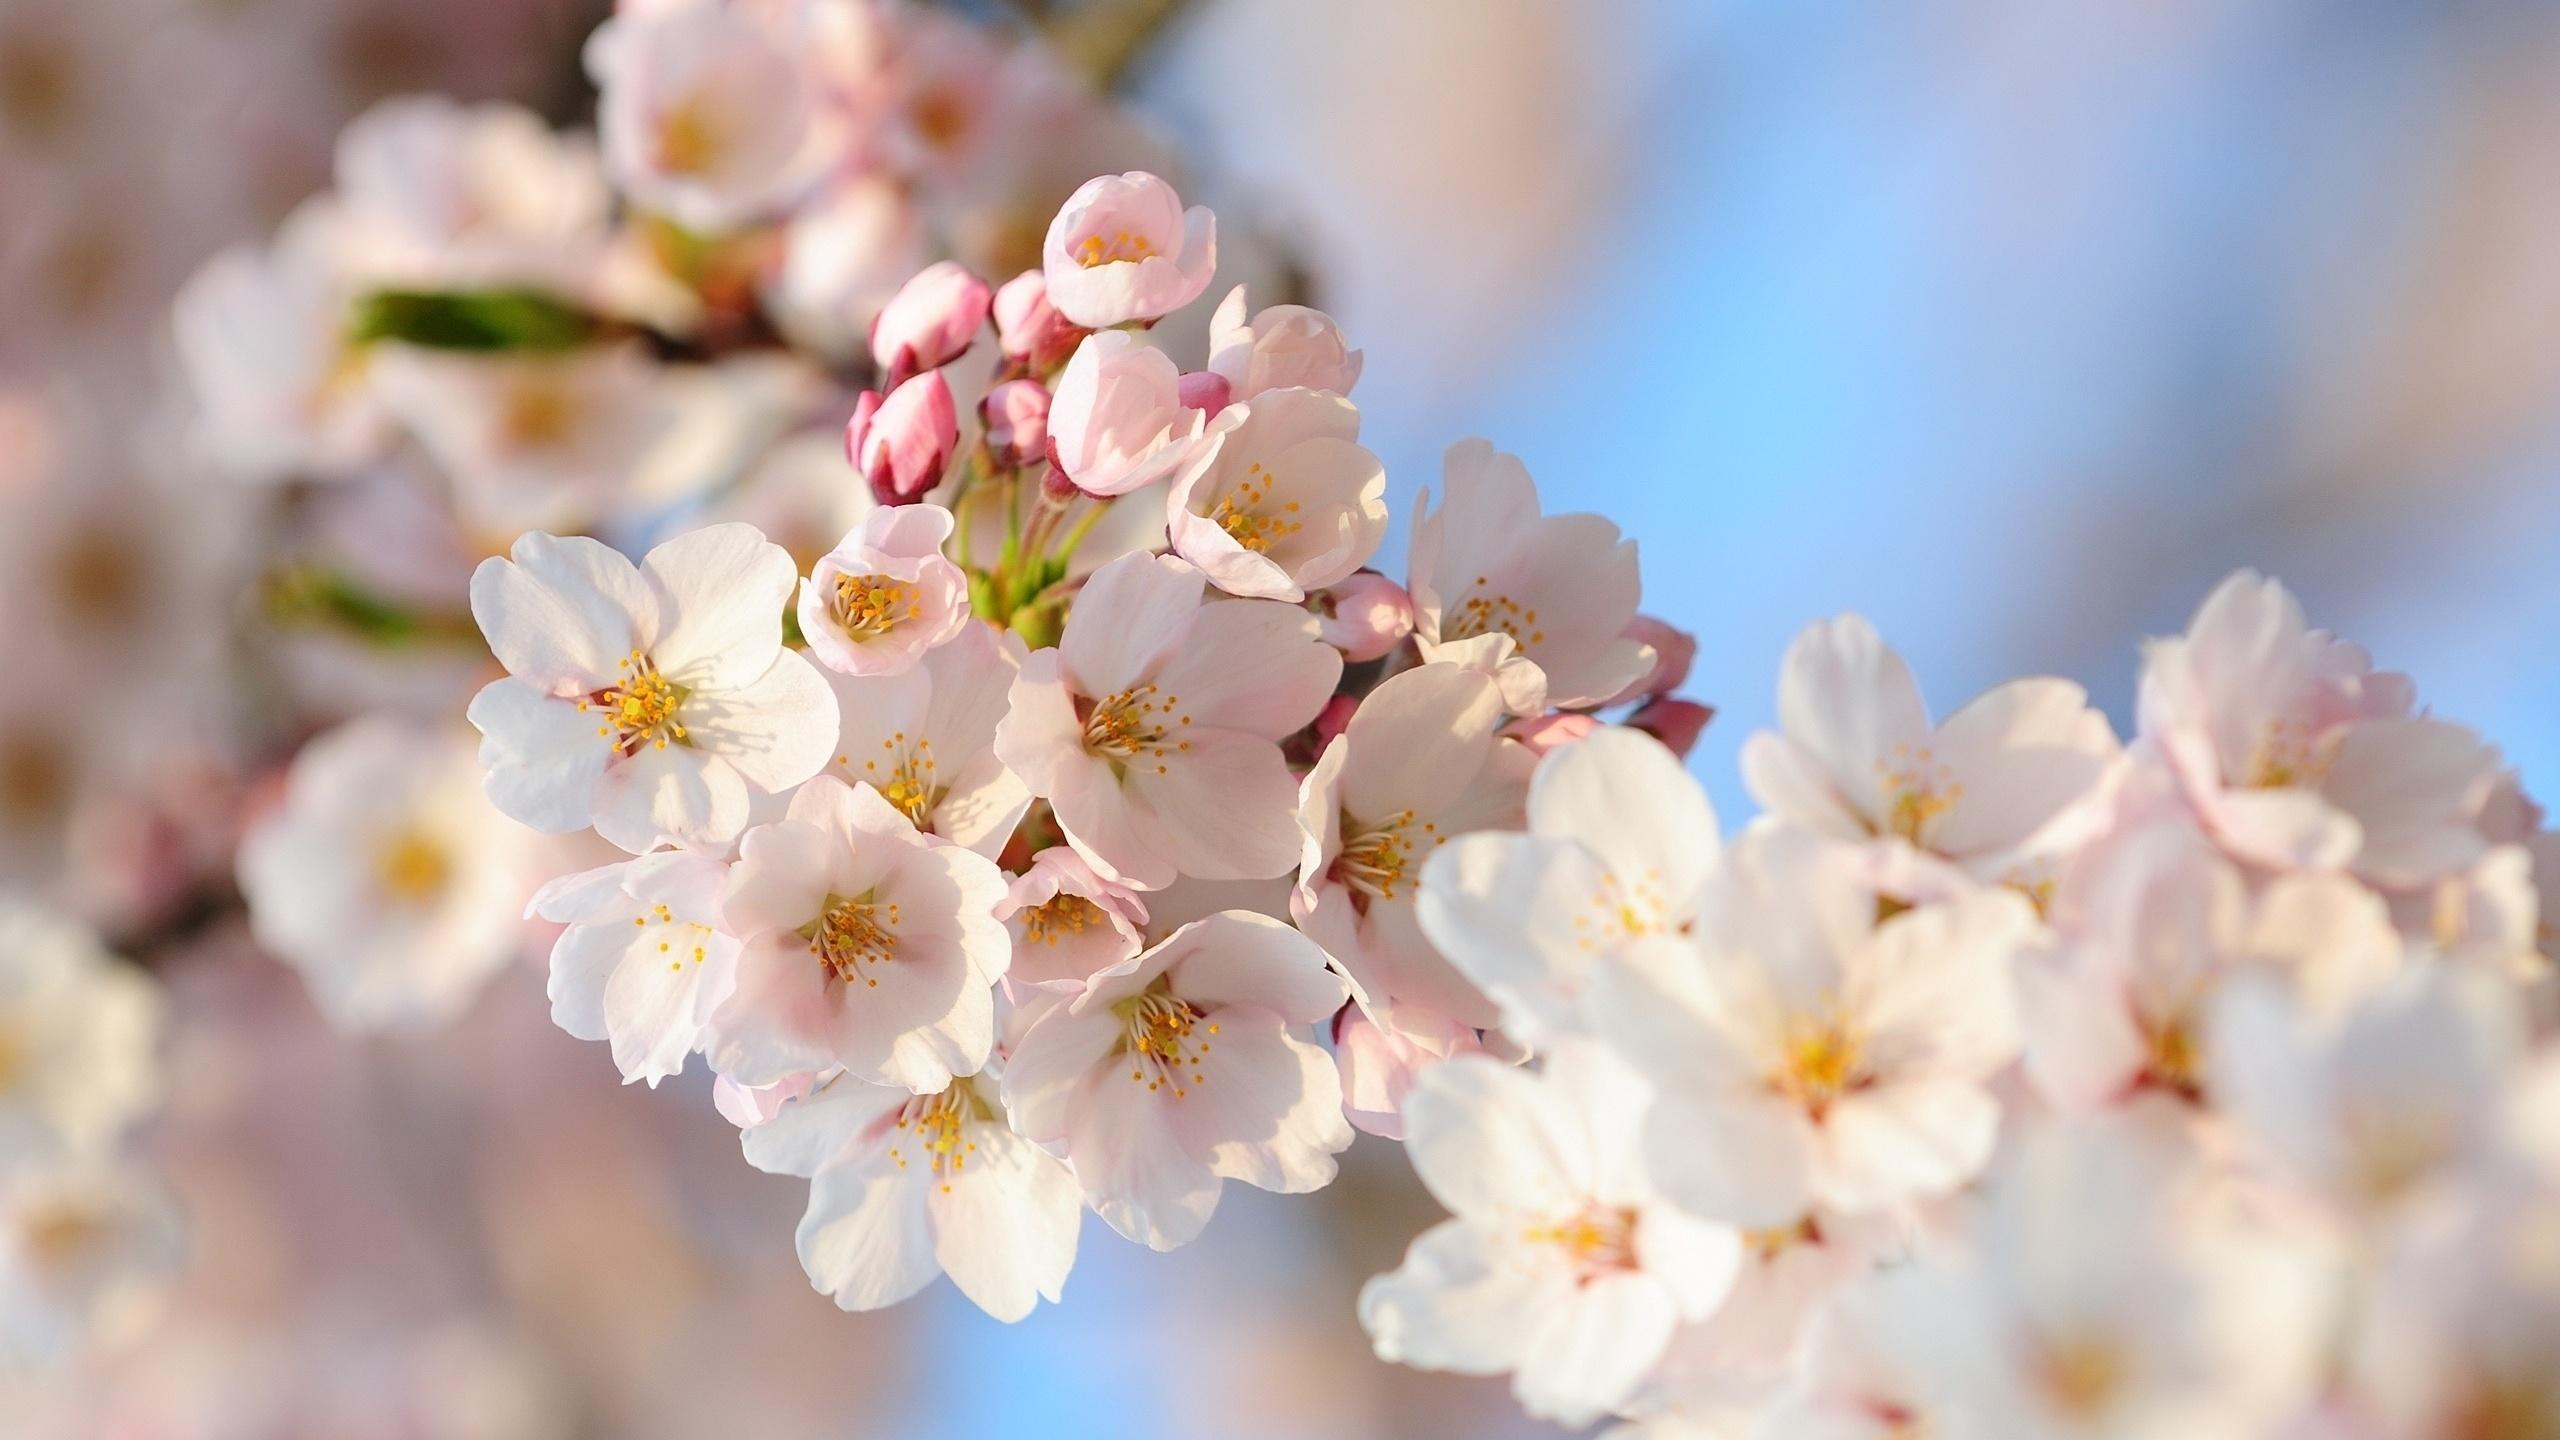 картинки на рабочий стол большой формат весна этот светлый